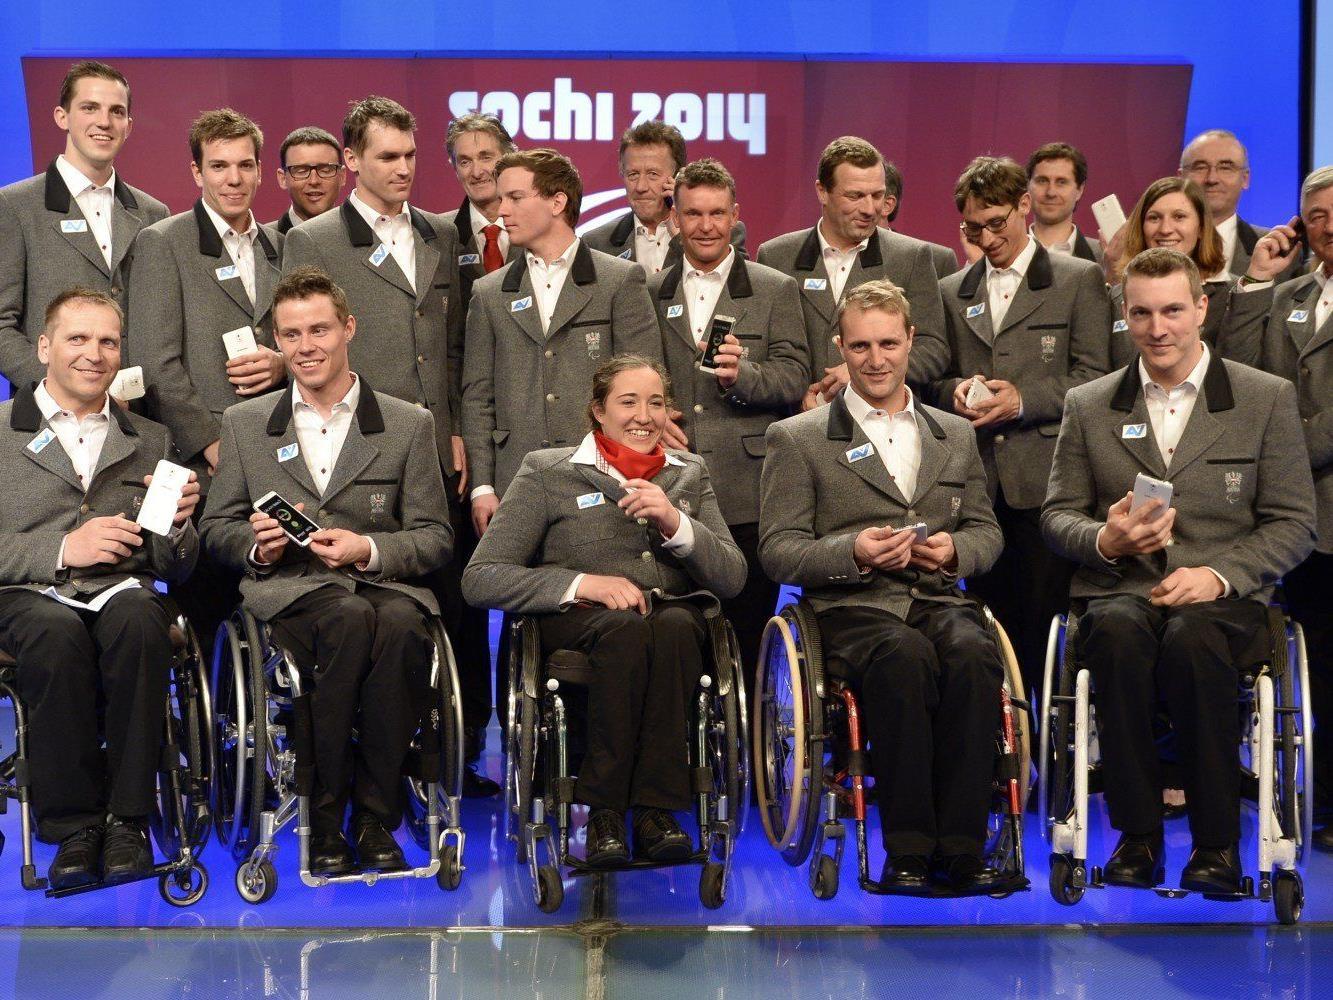 Das österreichische Paralymics-Team am Donnerstag, 20. Februar 2014, im Rahmen der Vereidigung in Wien.